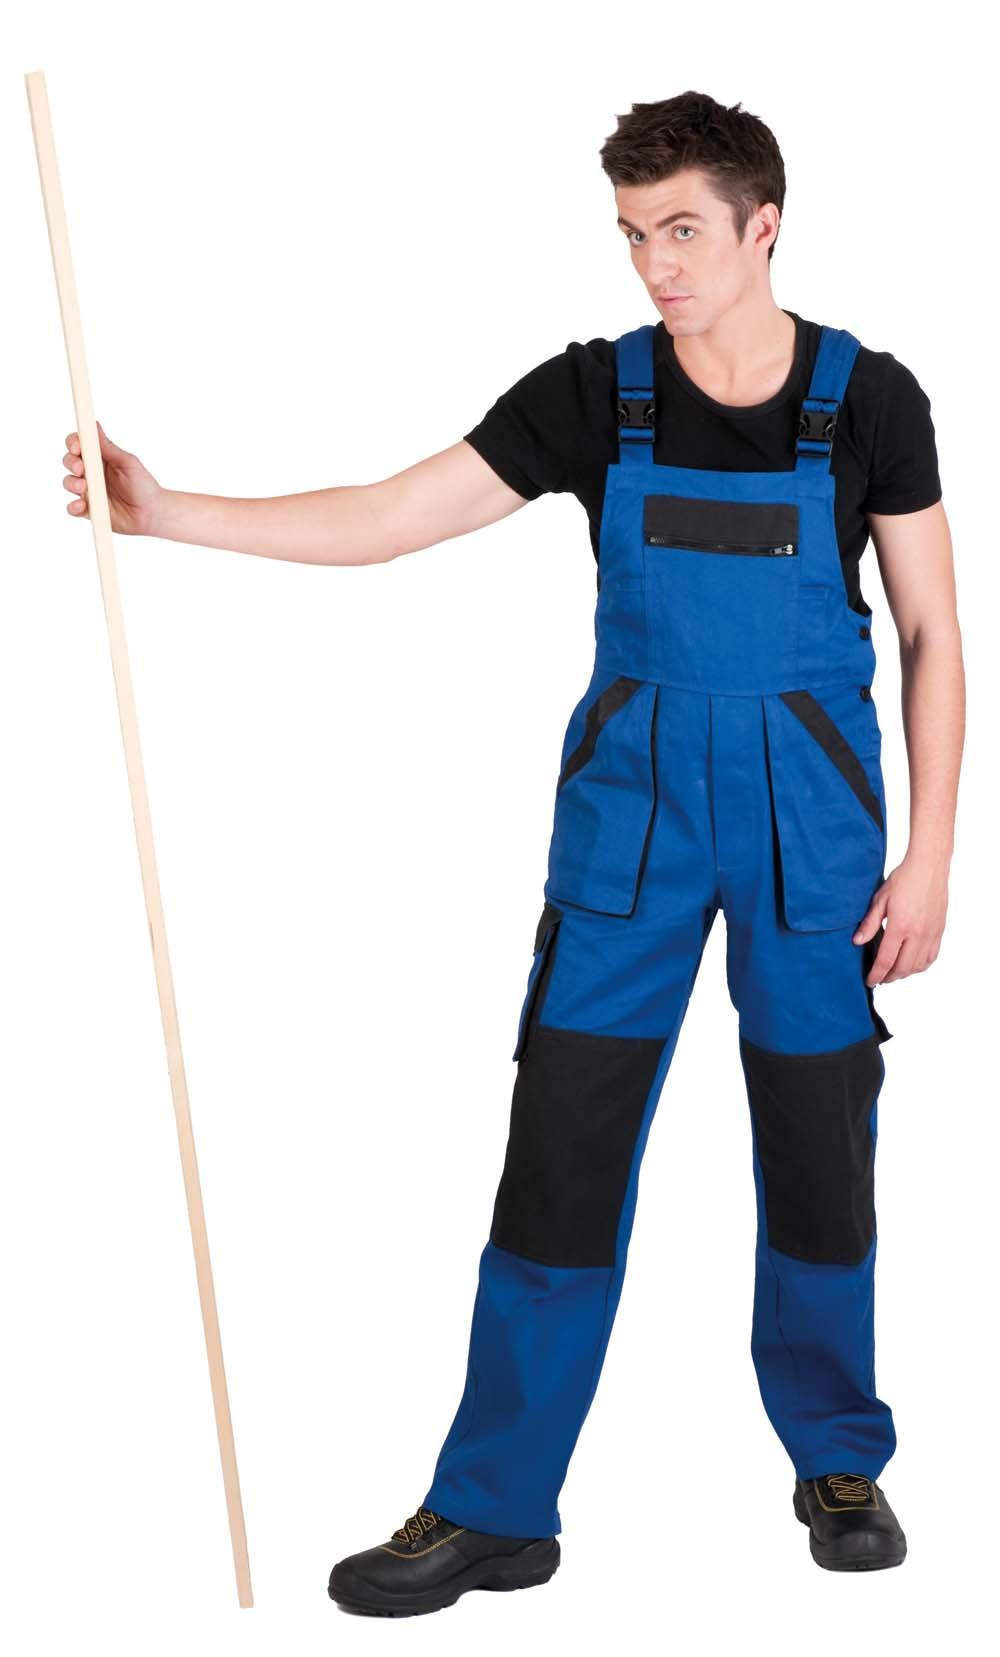 MAX kertésznadrág kék-fekete